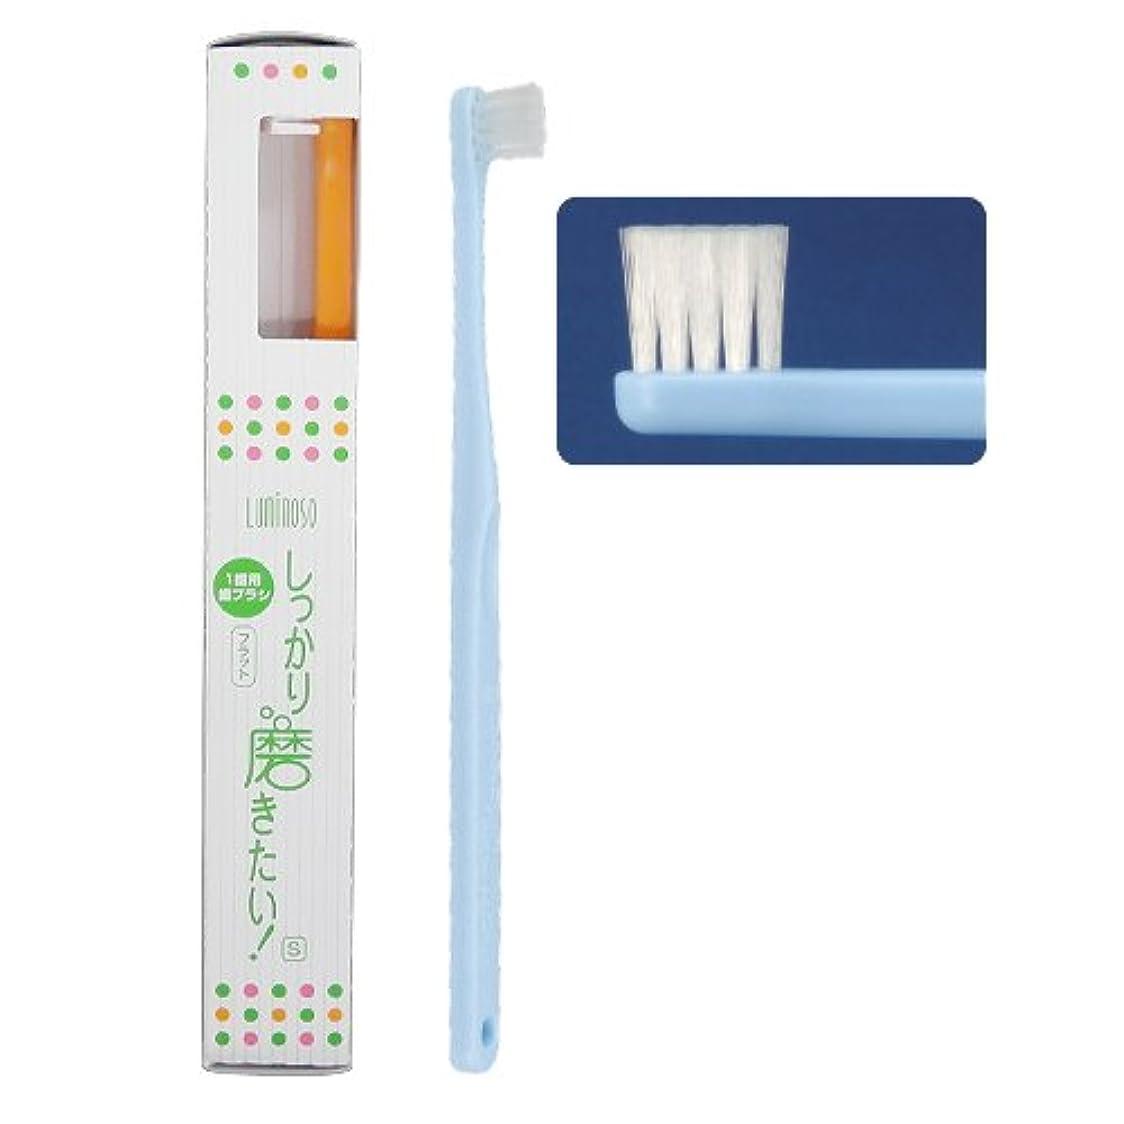 伴う注入新聞ルミノソ 1歯用歯ブラシ 「しっかり磨きたい!」 フラット/ソフト